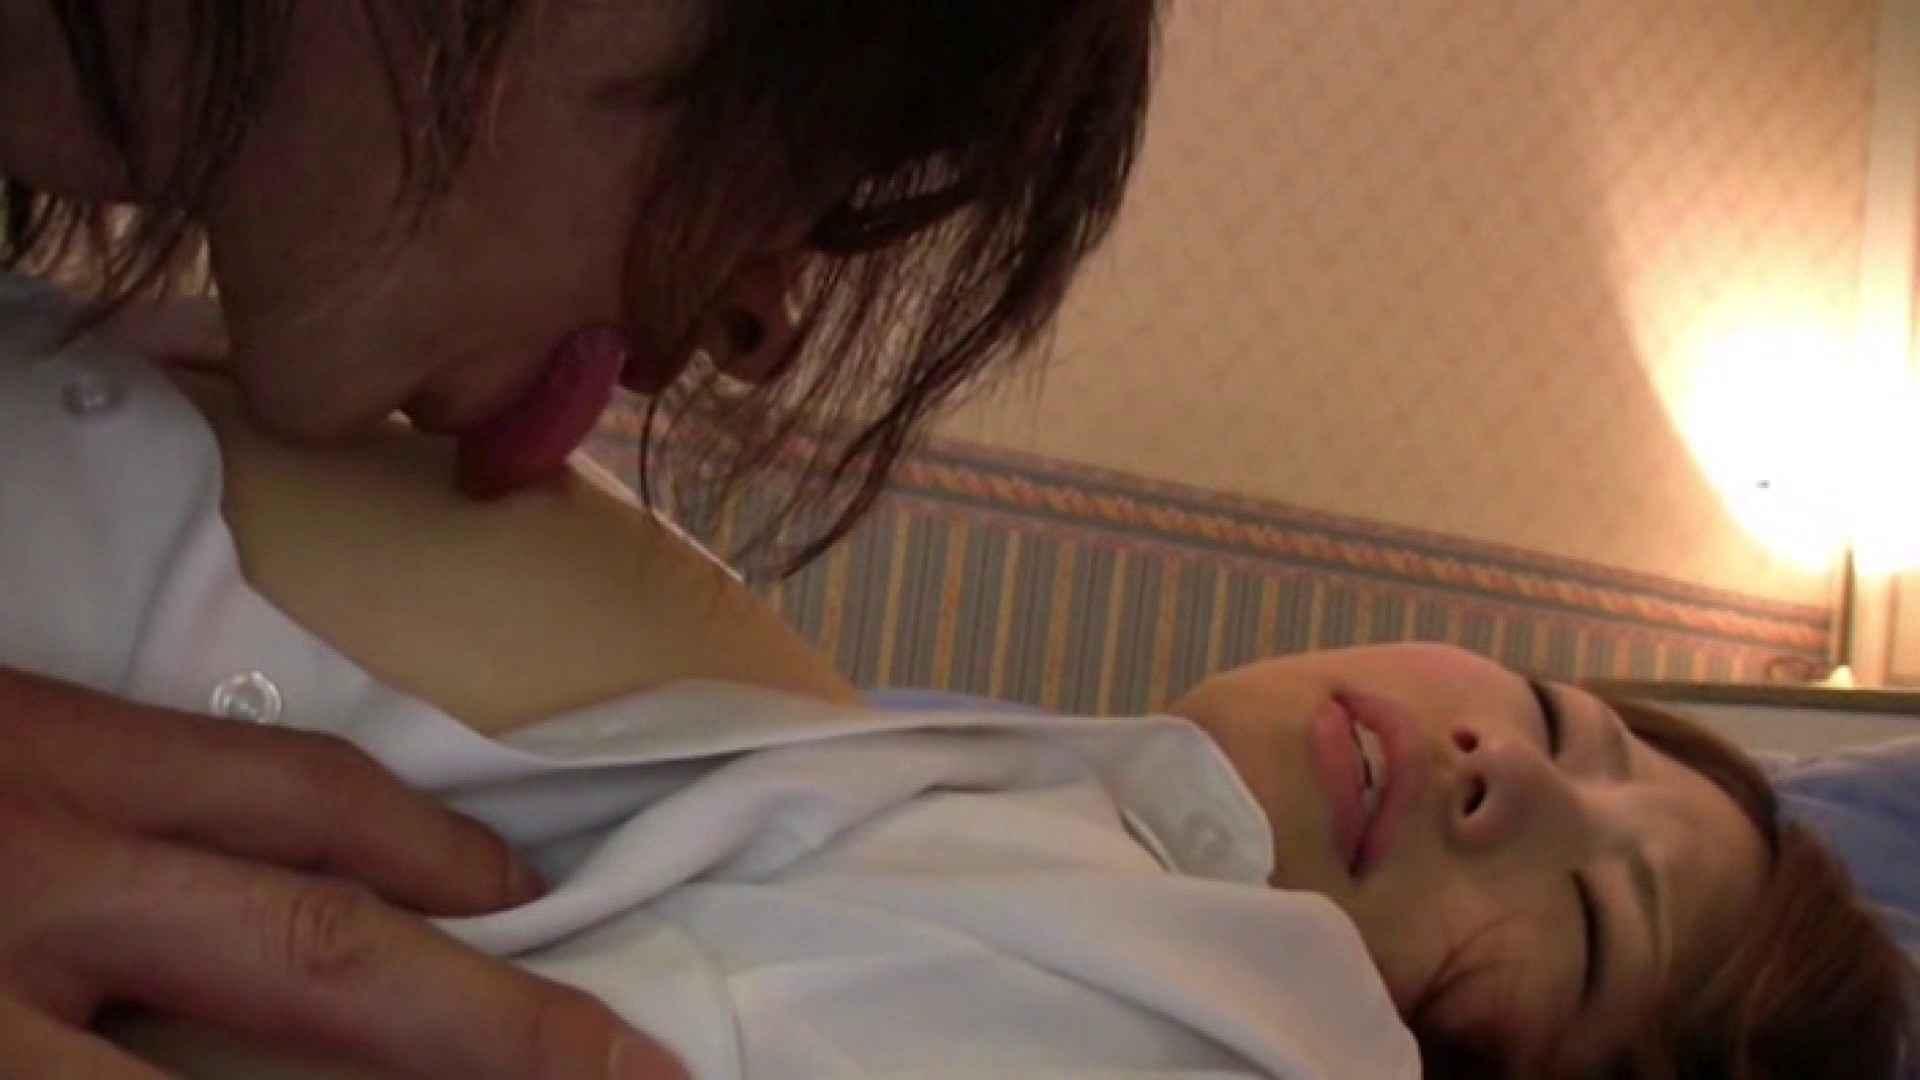 おしえてギャル子のH塾 Vol.36前編 ギャル盗撮映像 | 美女のボディ  109PIX